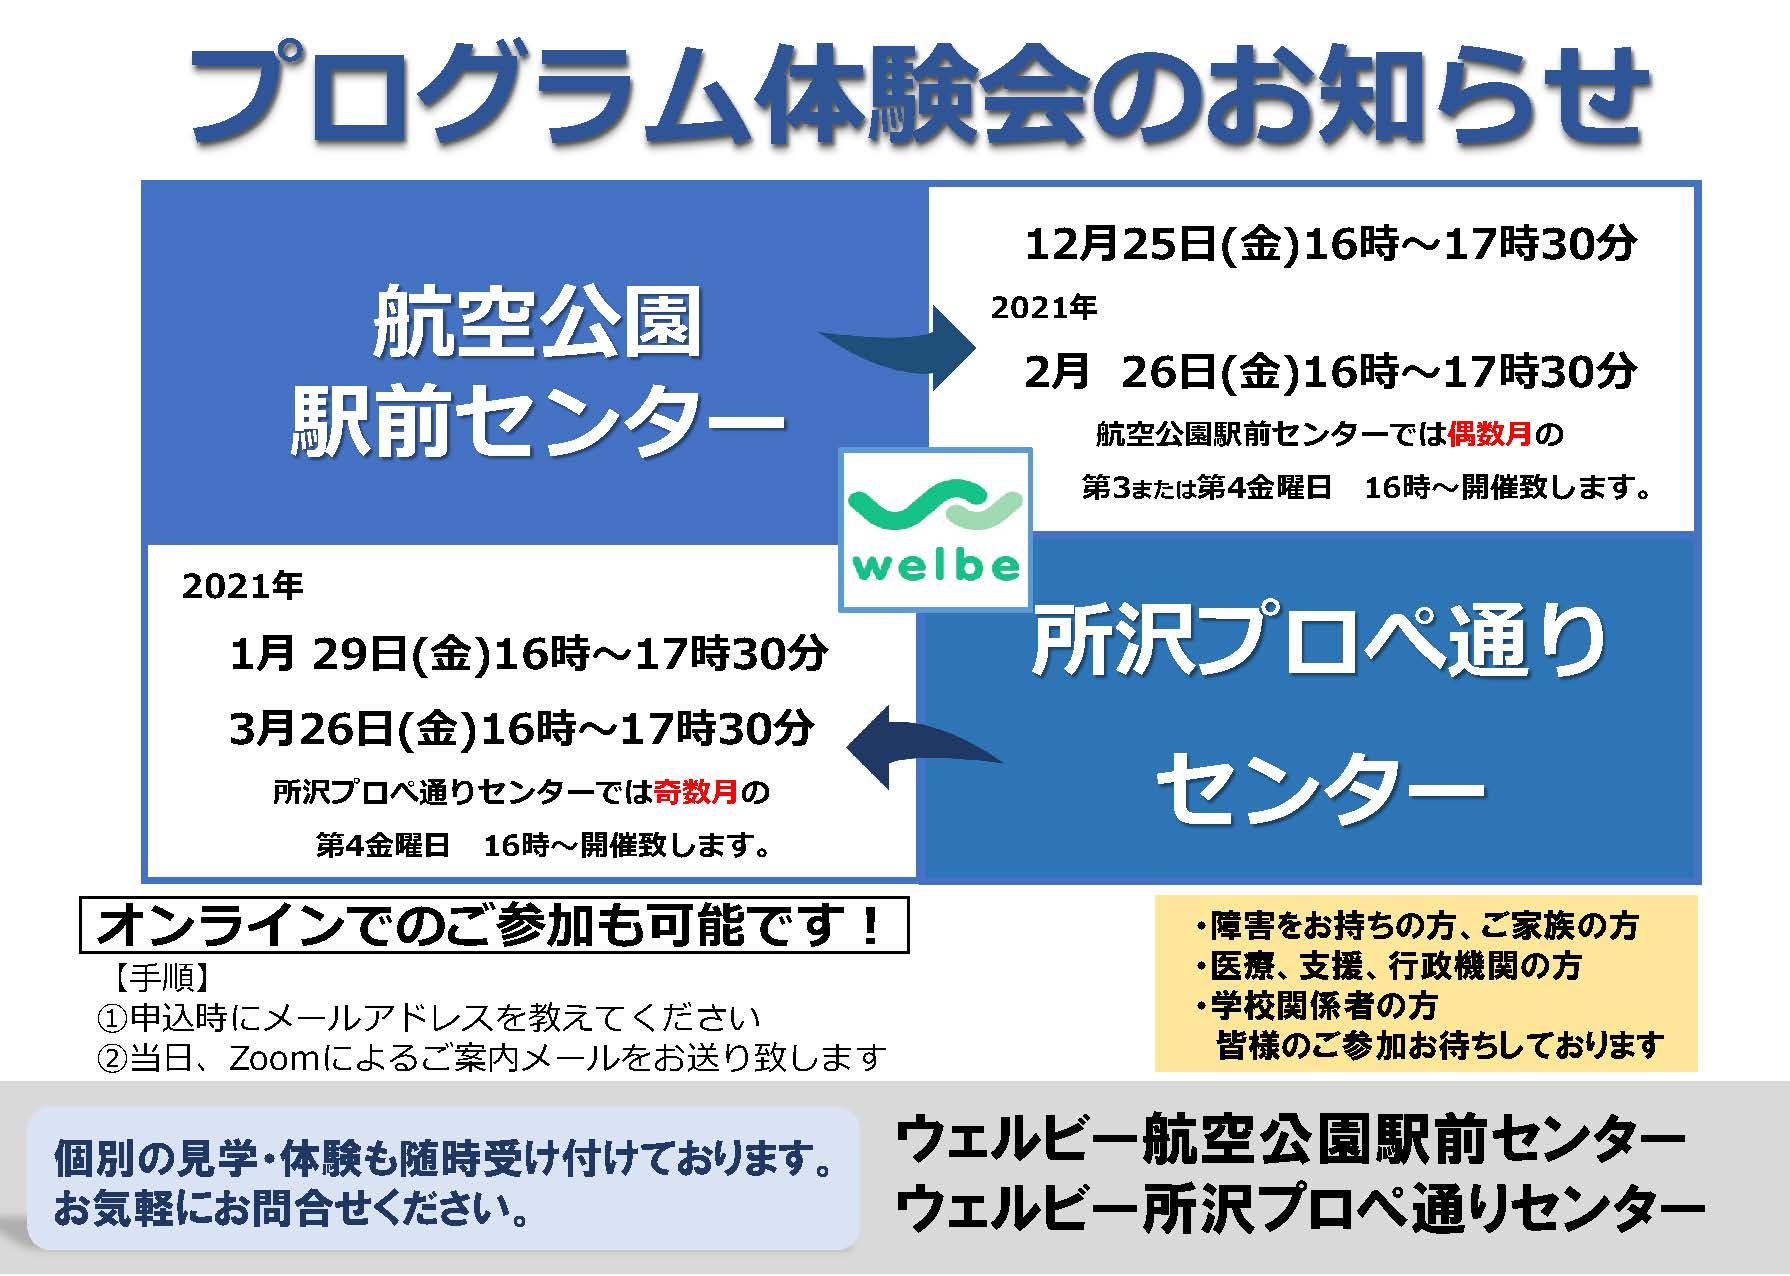 プログラム体験会_(2020年12月~2021年3月分)_ページ_1